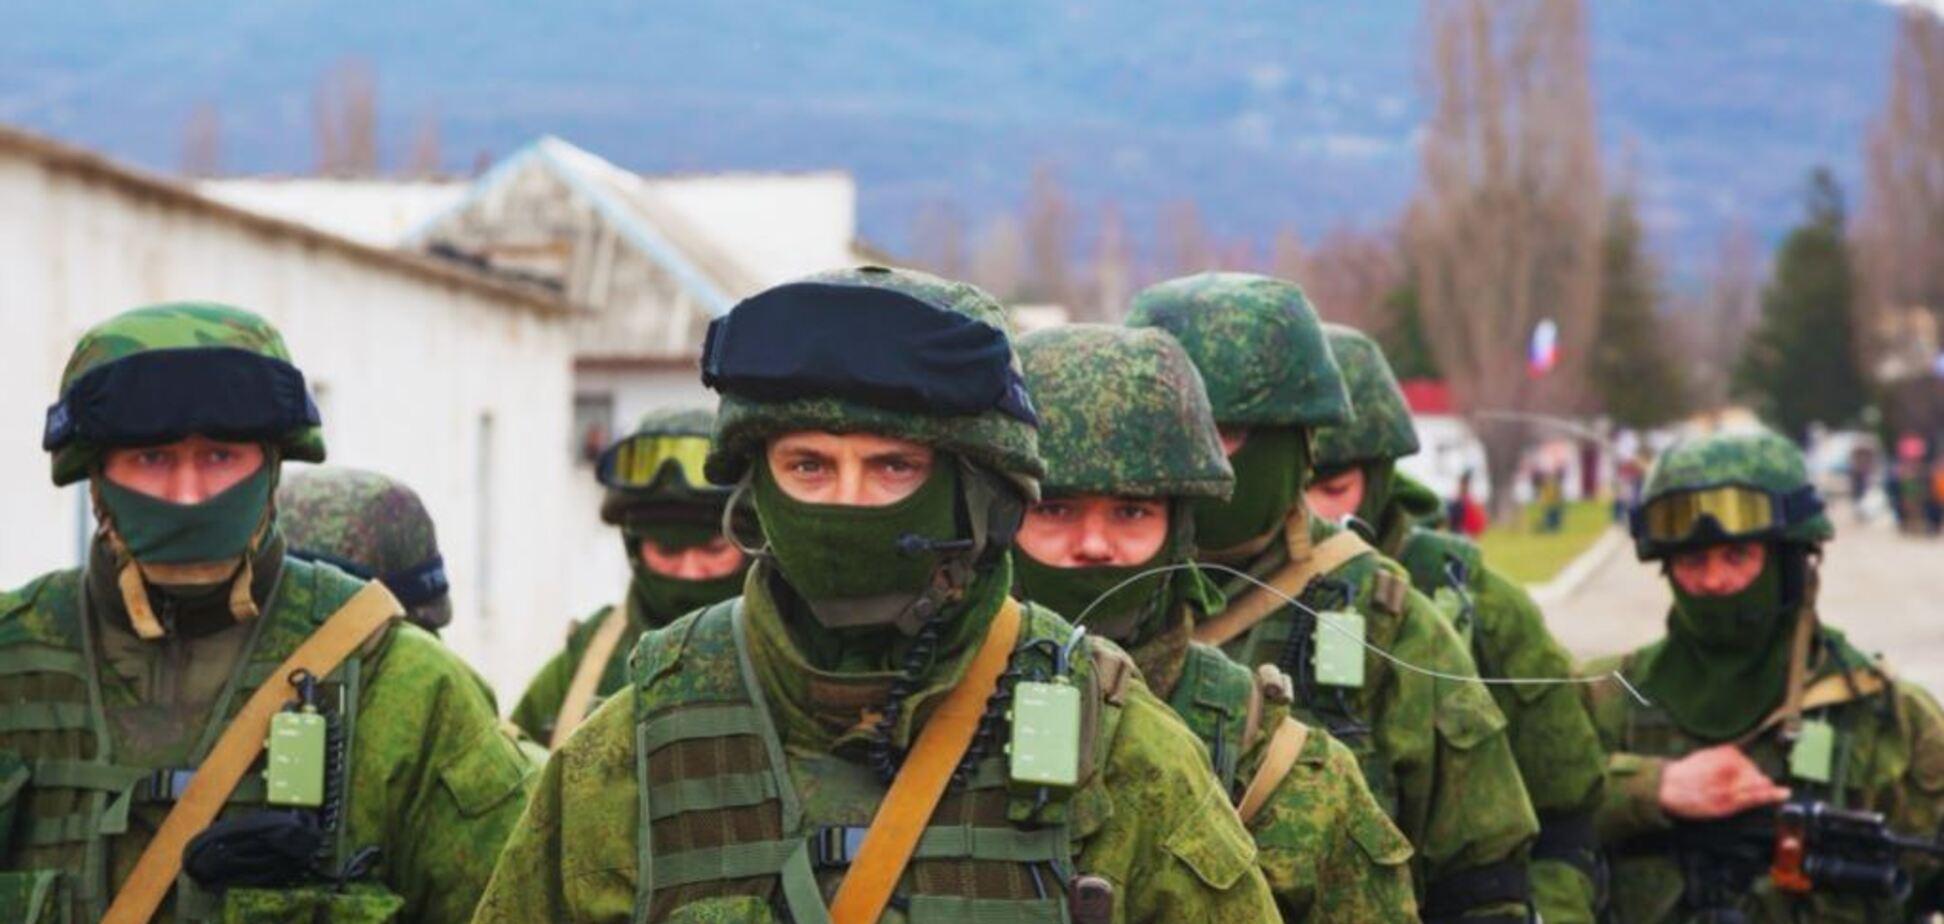 Глава Генштабу РФ пролив світло на військові плани Путіна: про що мова